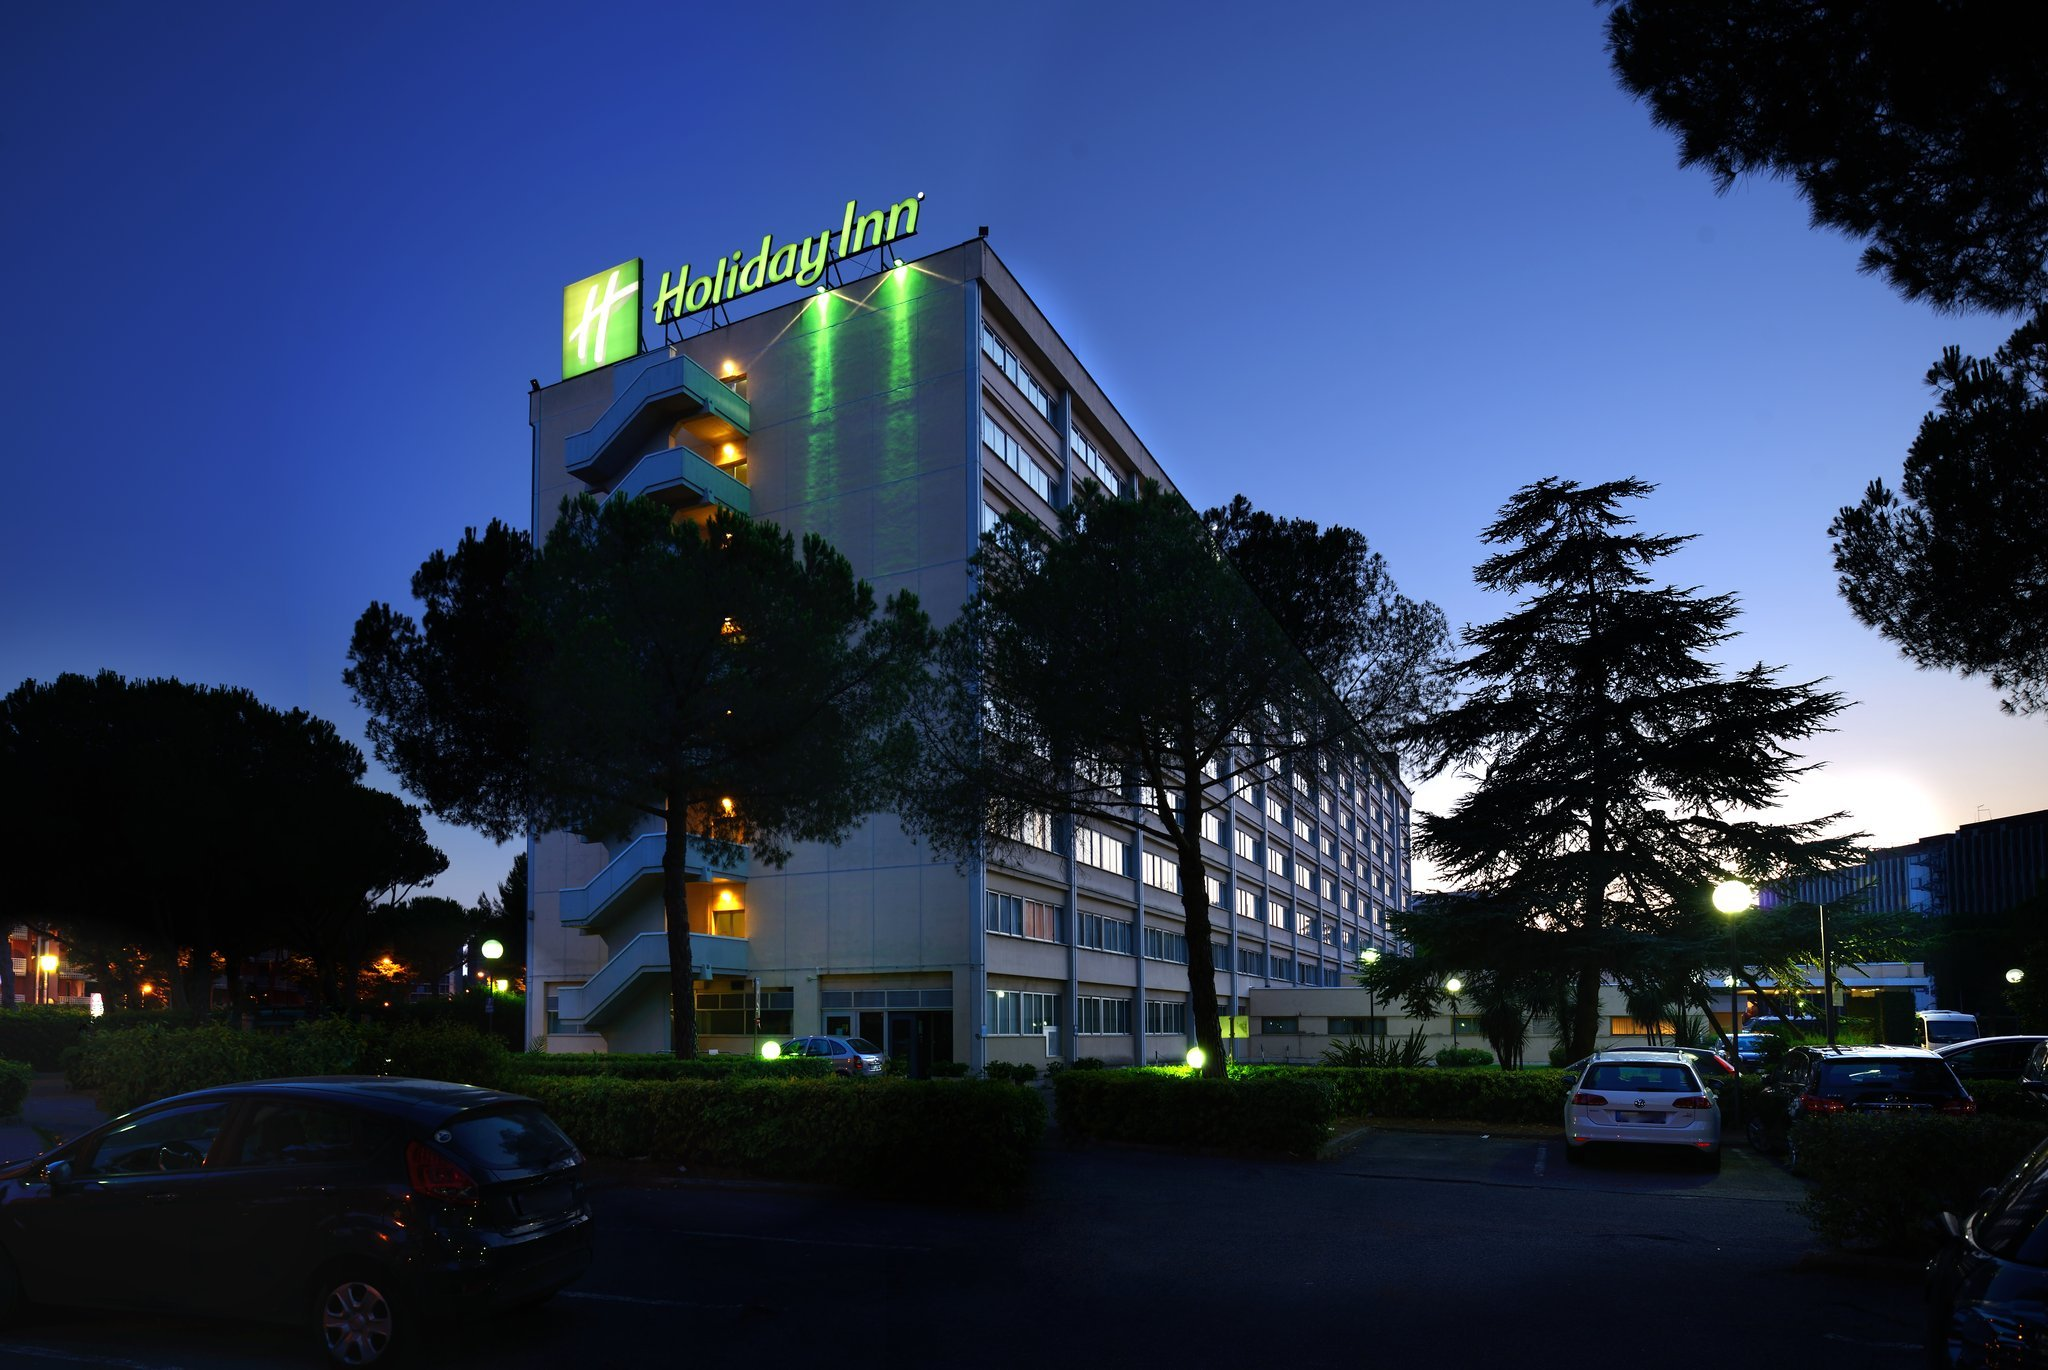 假日客棧羅馬歐洲帕克德伊梅迪西酒店